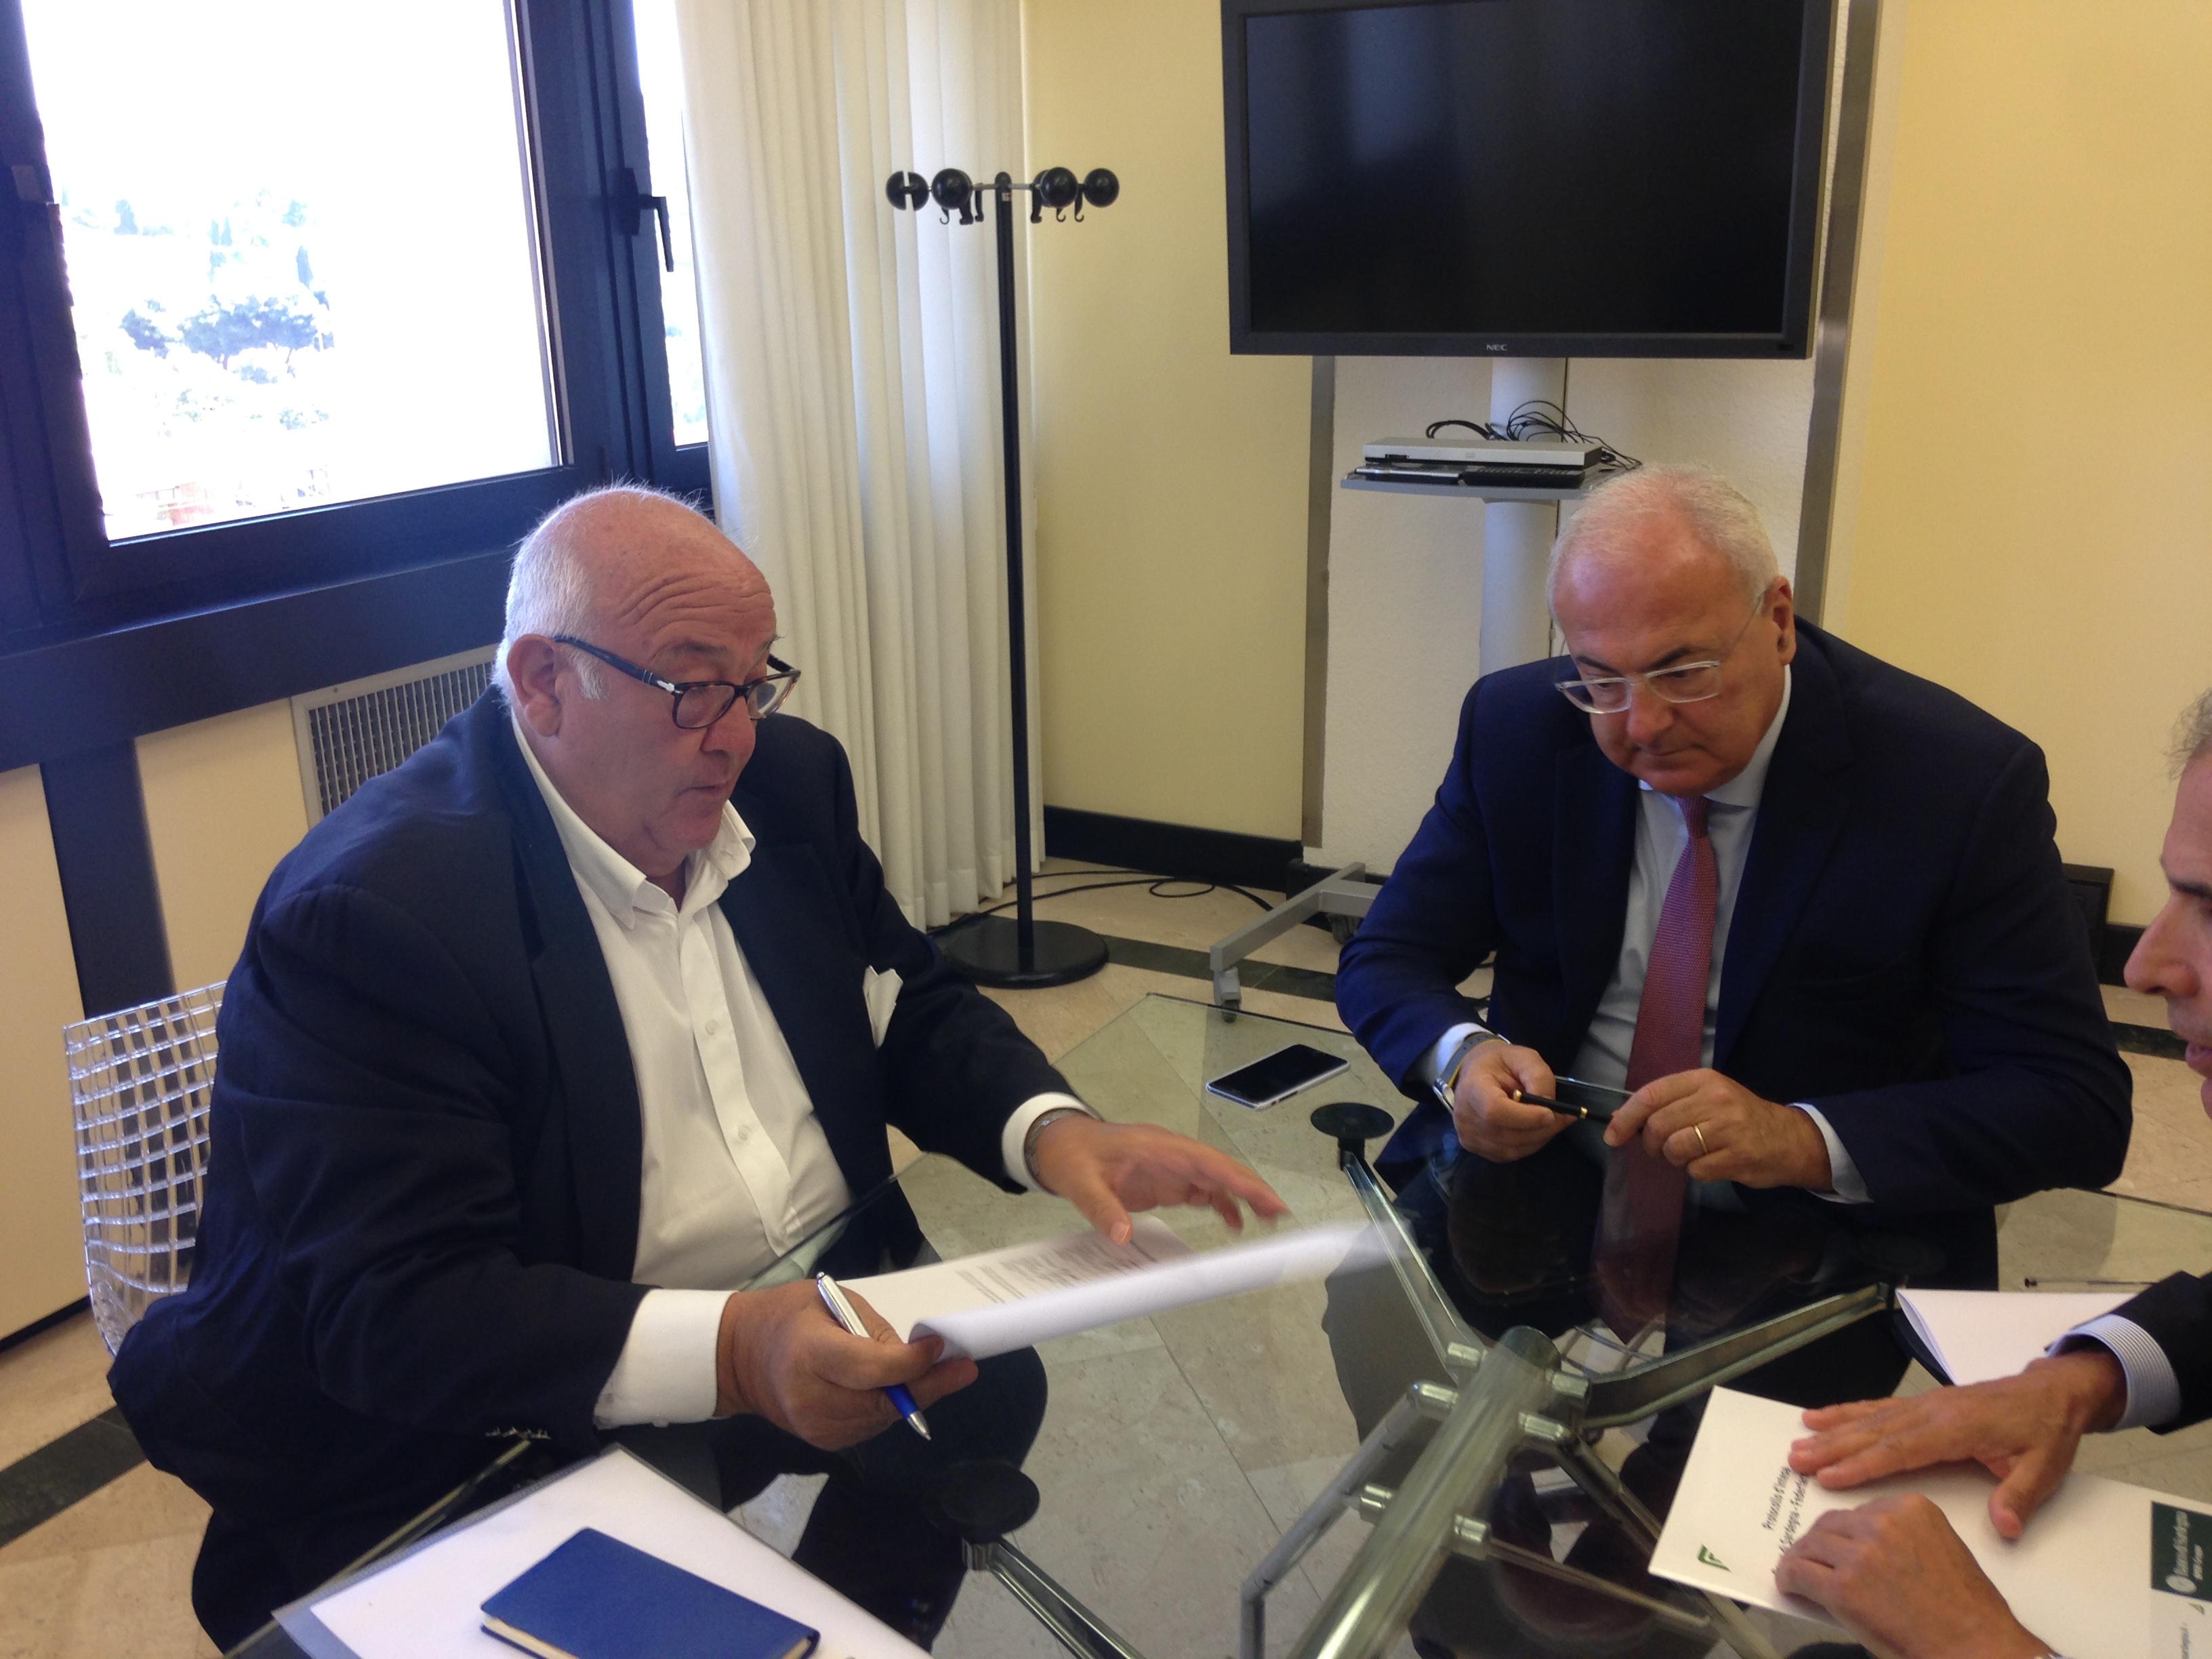 Banco Di Sardegna Lavoro Offerte : Federfarma sardegna e banco di sardegna hanno firmato un accordo